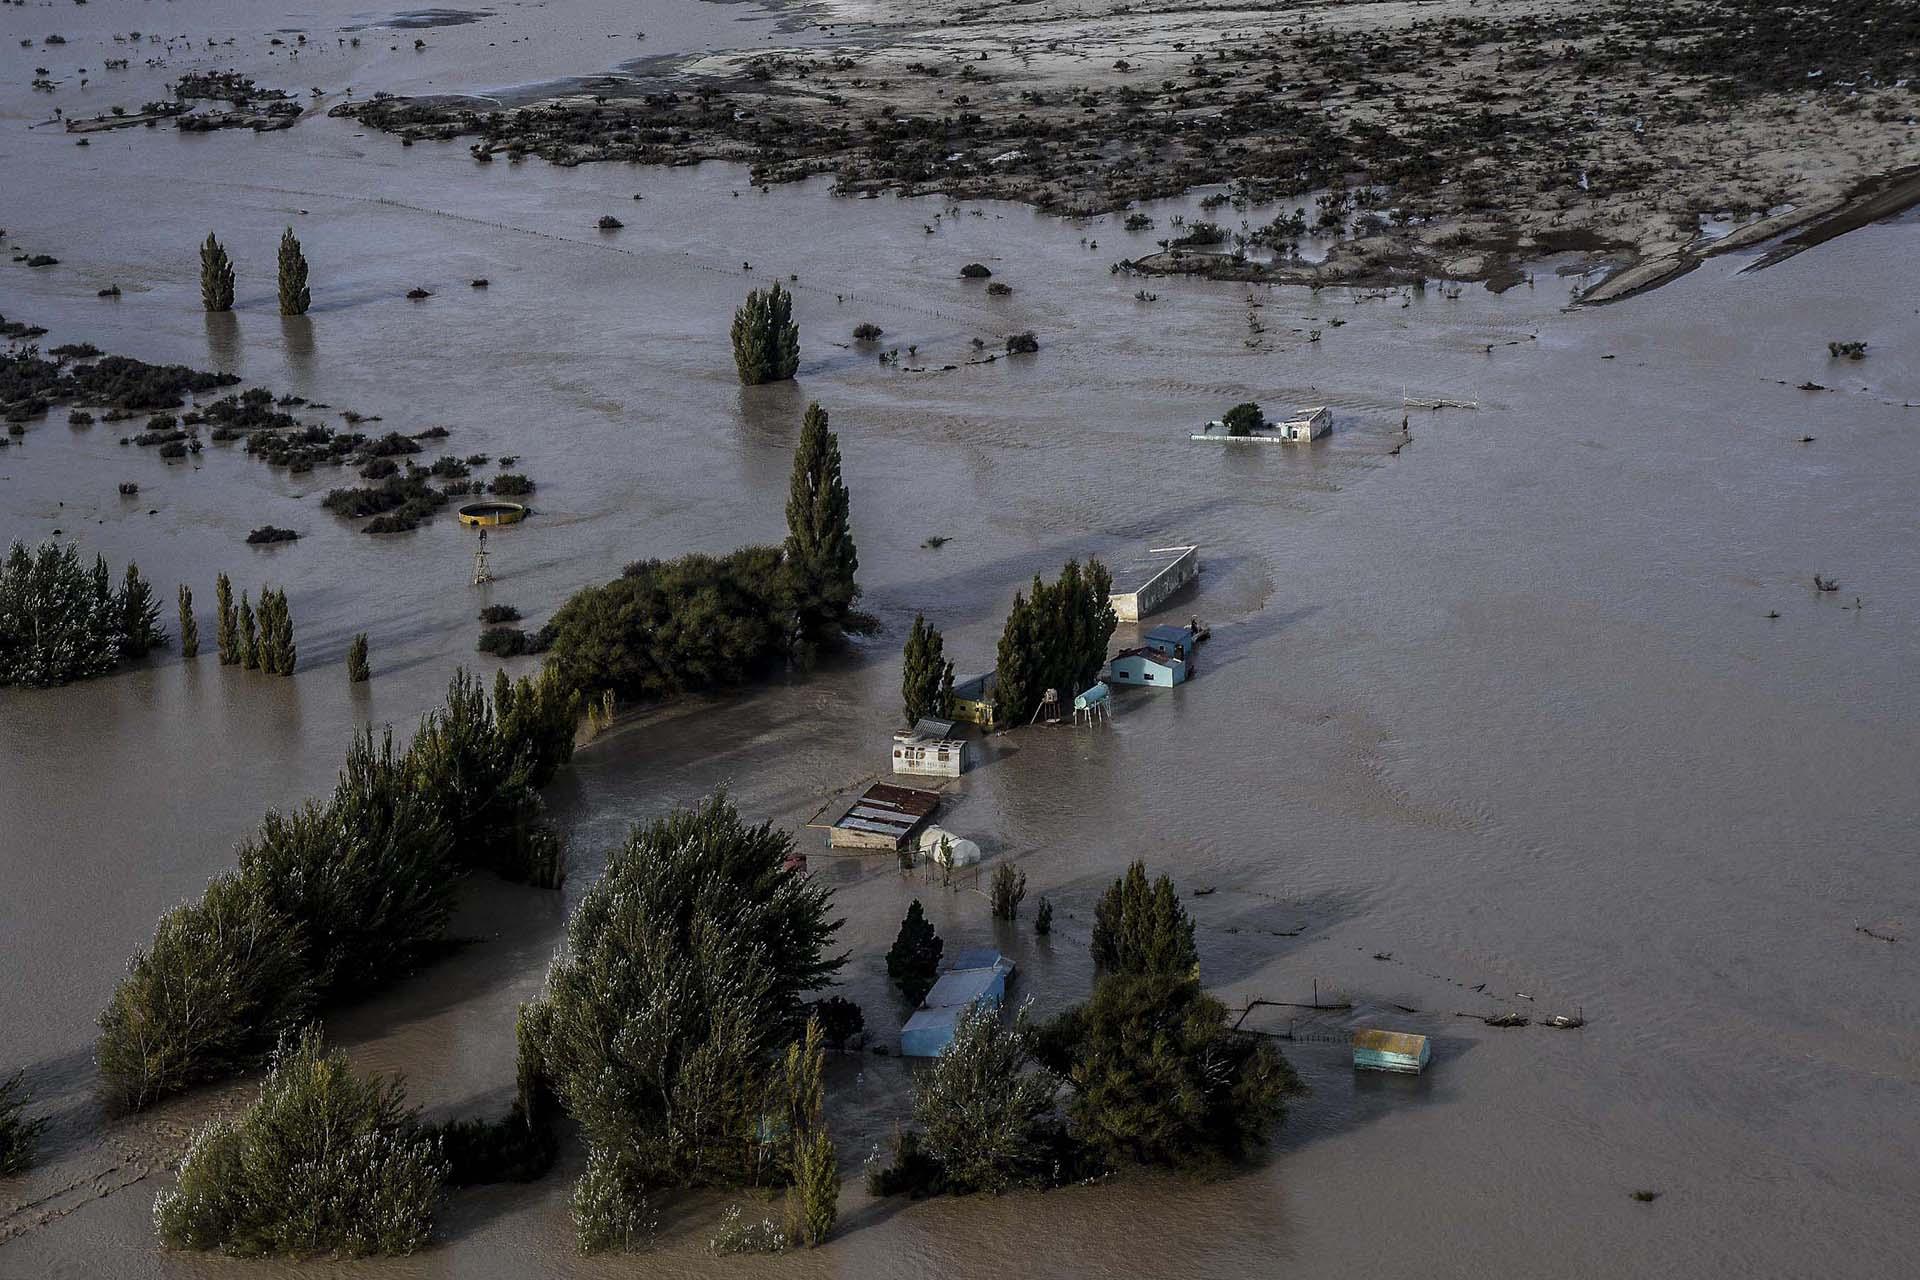 Grandes eventos atmosféricos y desastres naturales - Página 2 Comodoro-Rivadavia-Vista-aereas-sf-3